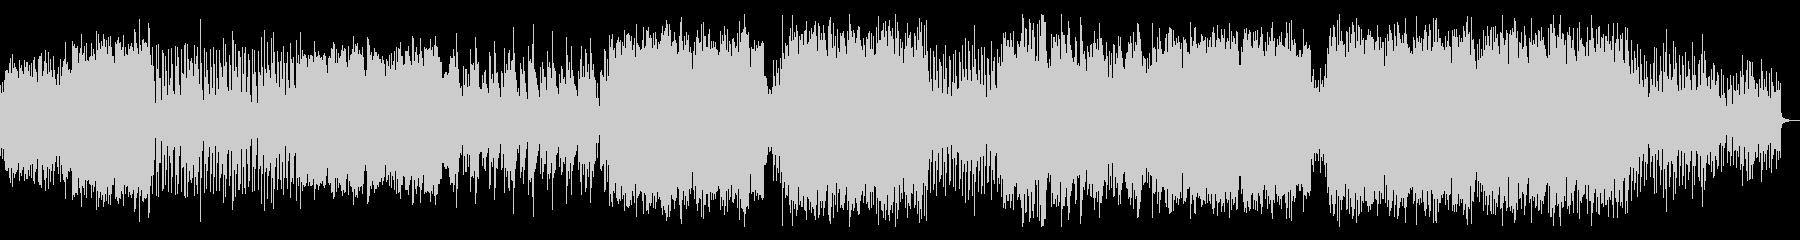 琴と尺八が印象的な和風EDMの未再生の波形